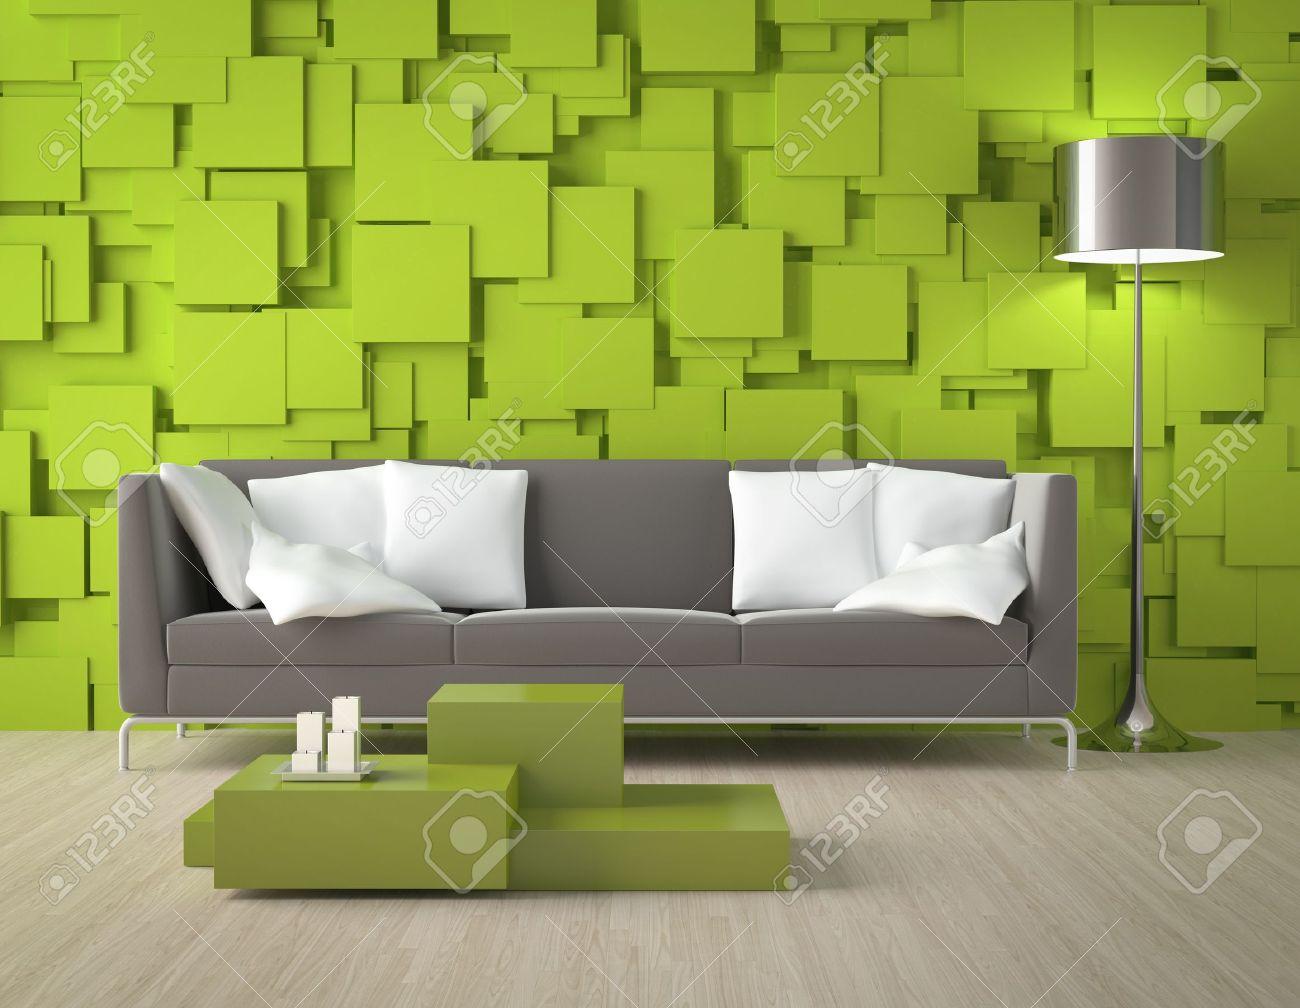 interior design eine moderne innenraum mit grnen wand aus blcken und mbel lizenzfreie bilder 9596807 - Auergewhnliche Wandgestaltung